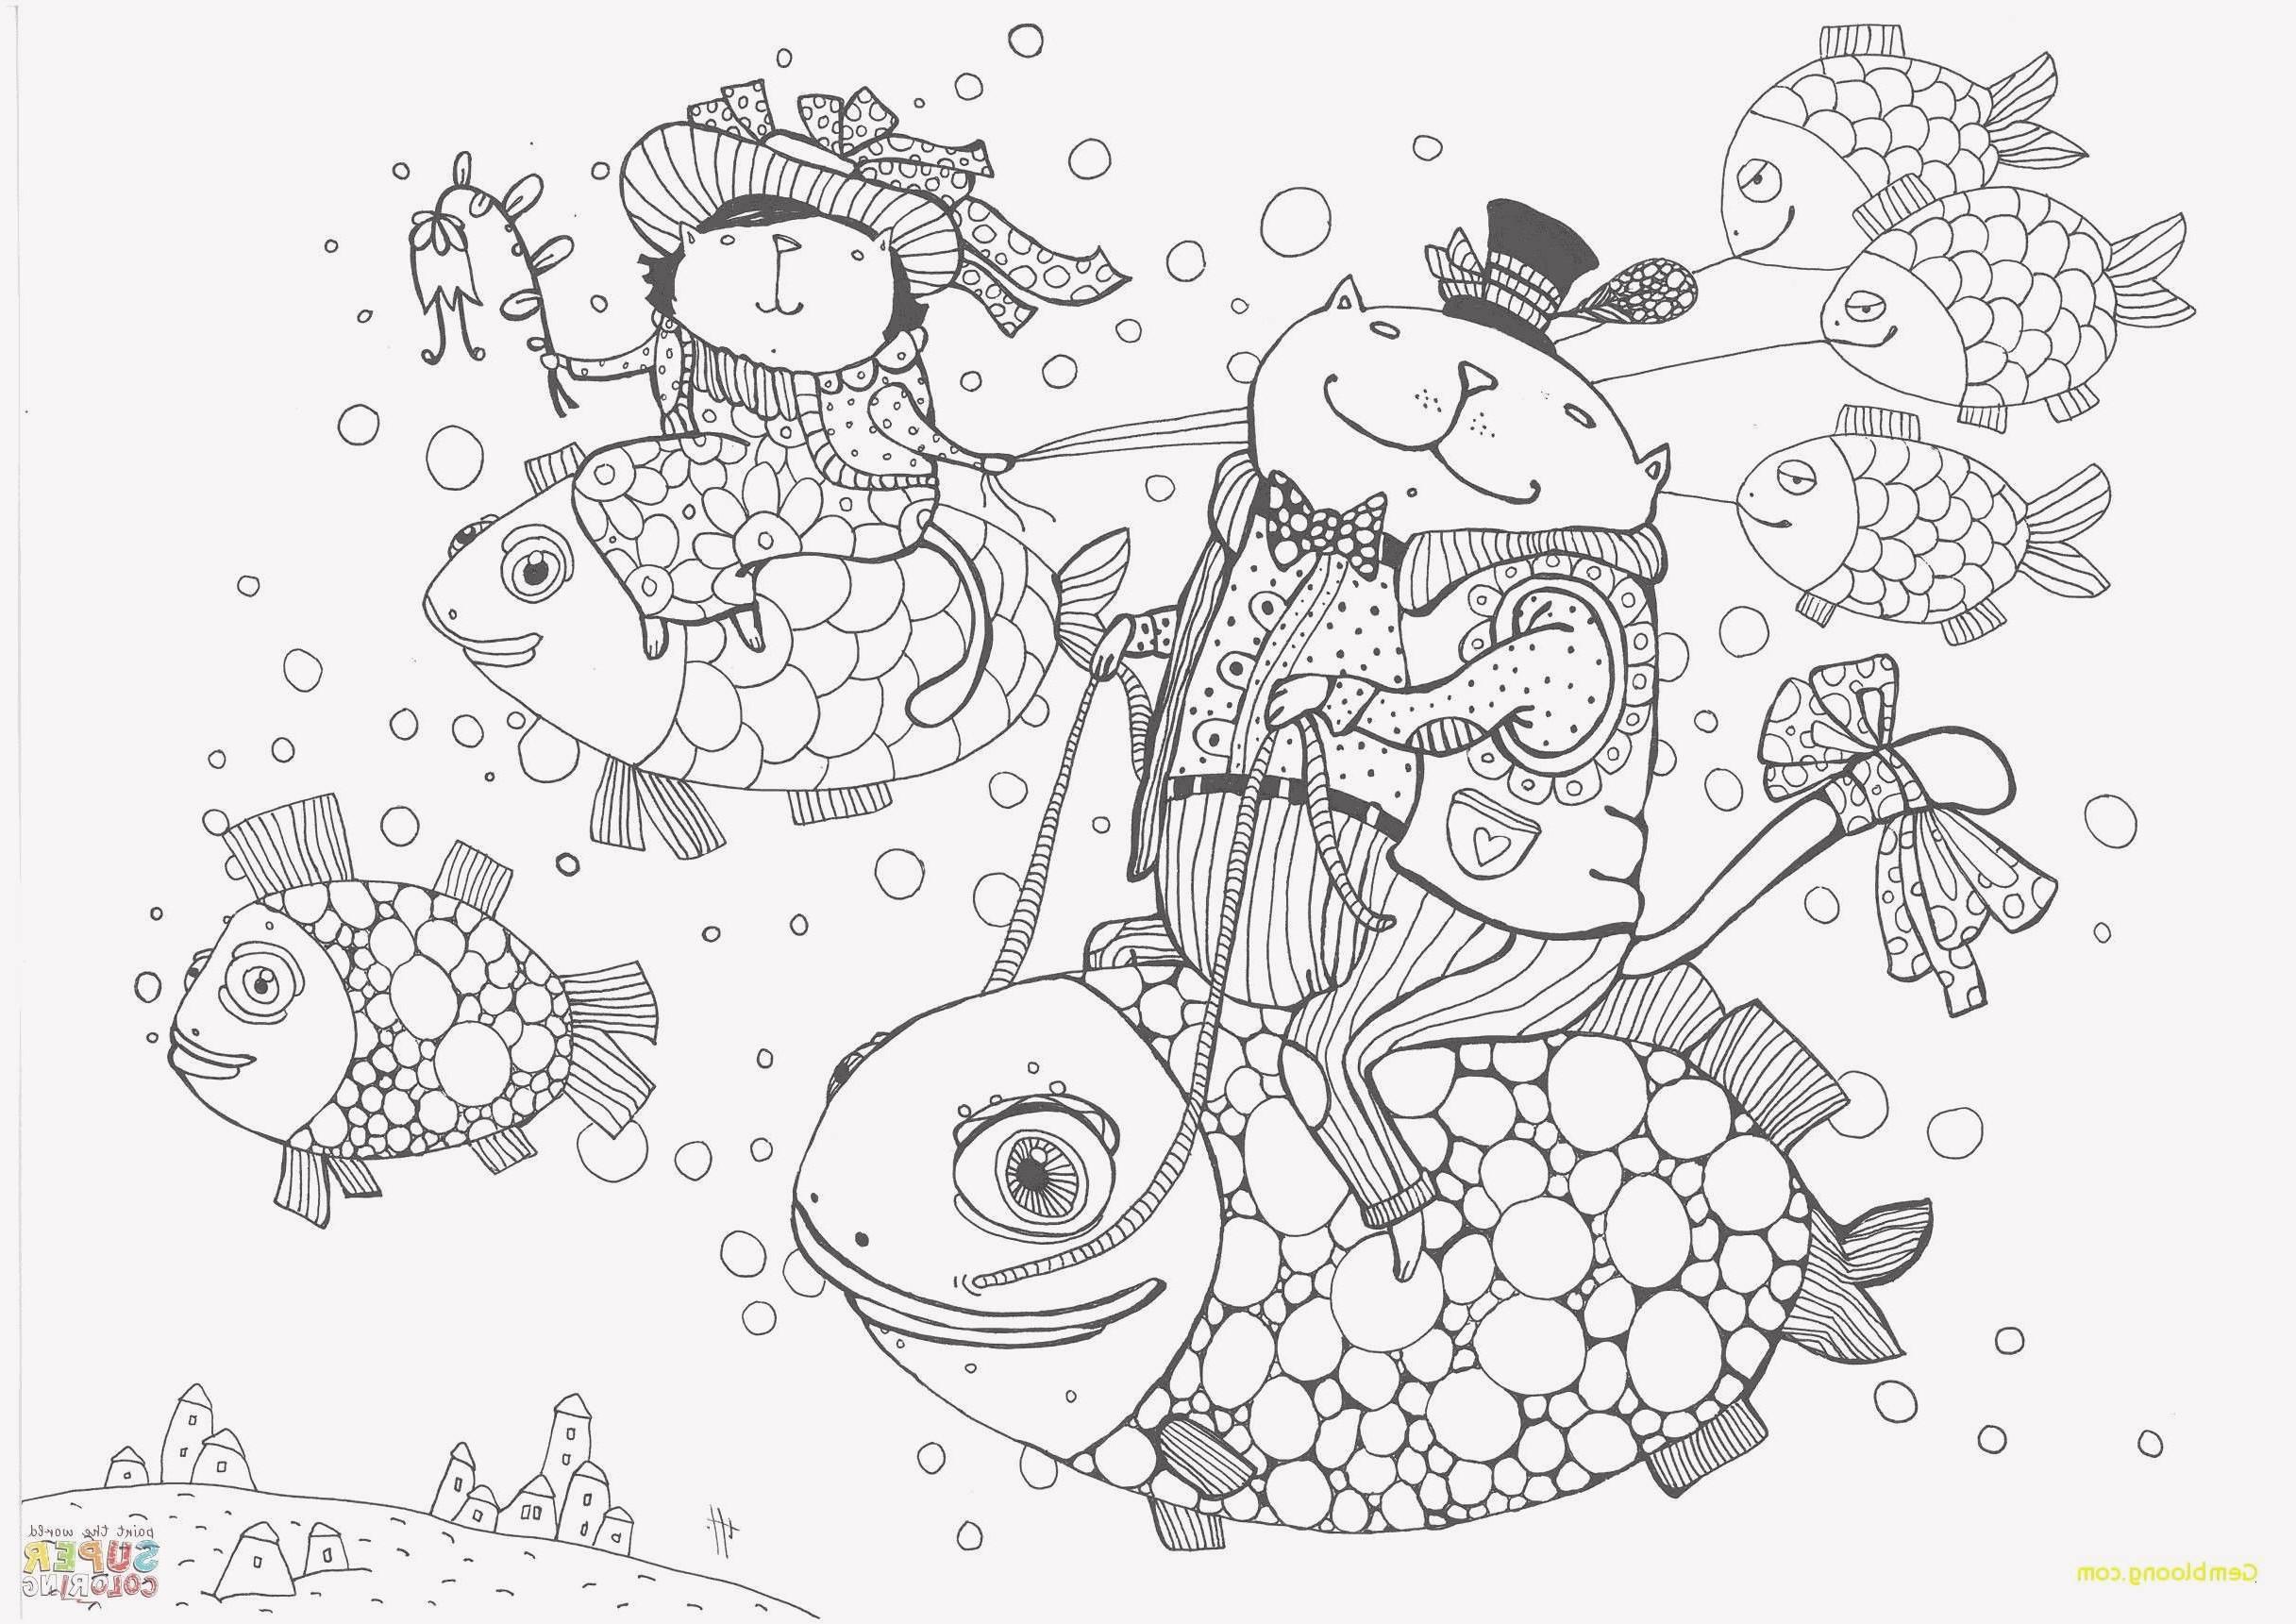 Mandala Zum Ausdrucken Erwachsene Inspirierend 32 Elegant Mandalas Für Erwachsene Pdf – Malvorlagen Ideen Galerie